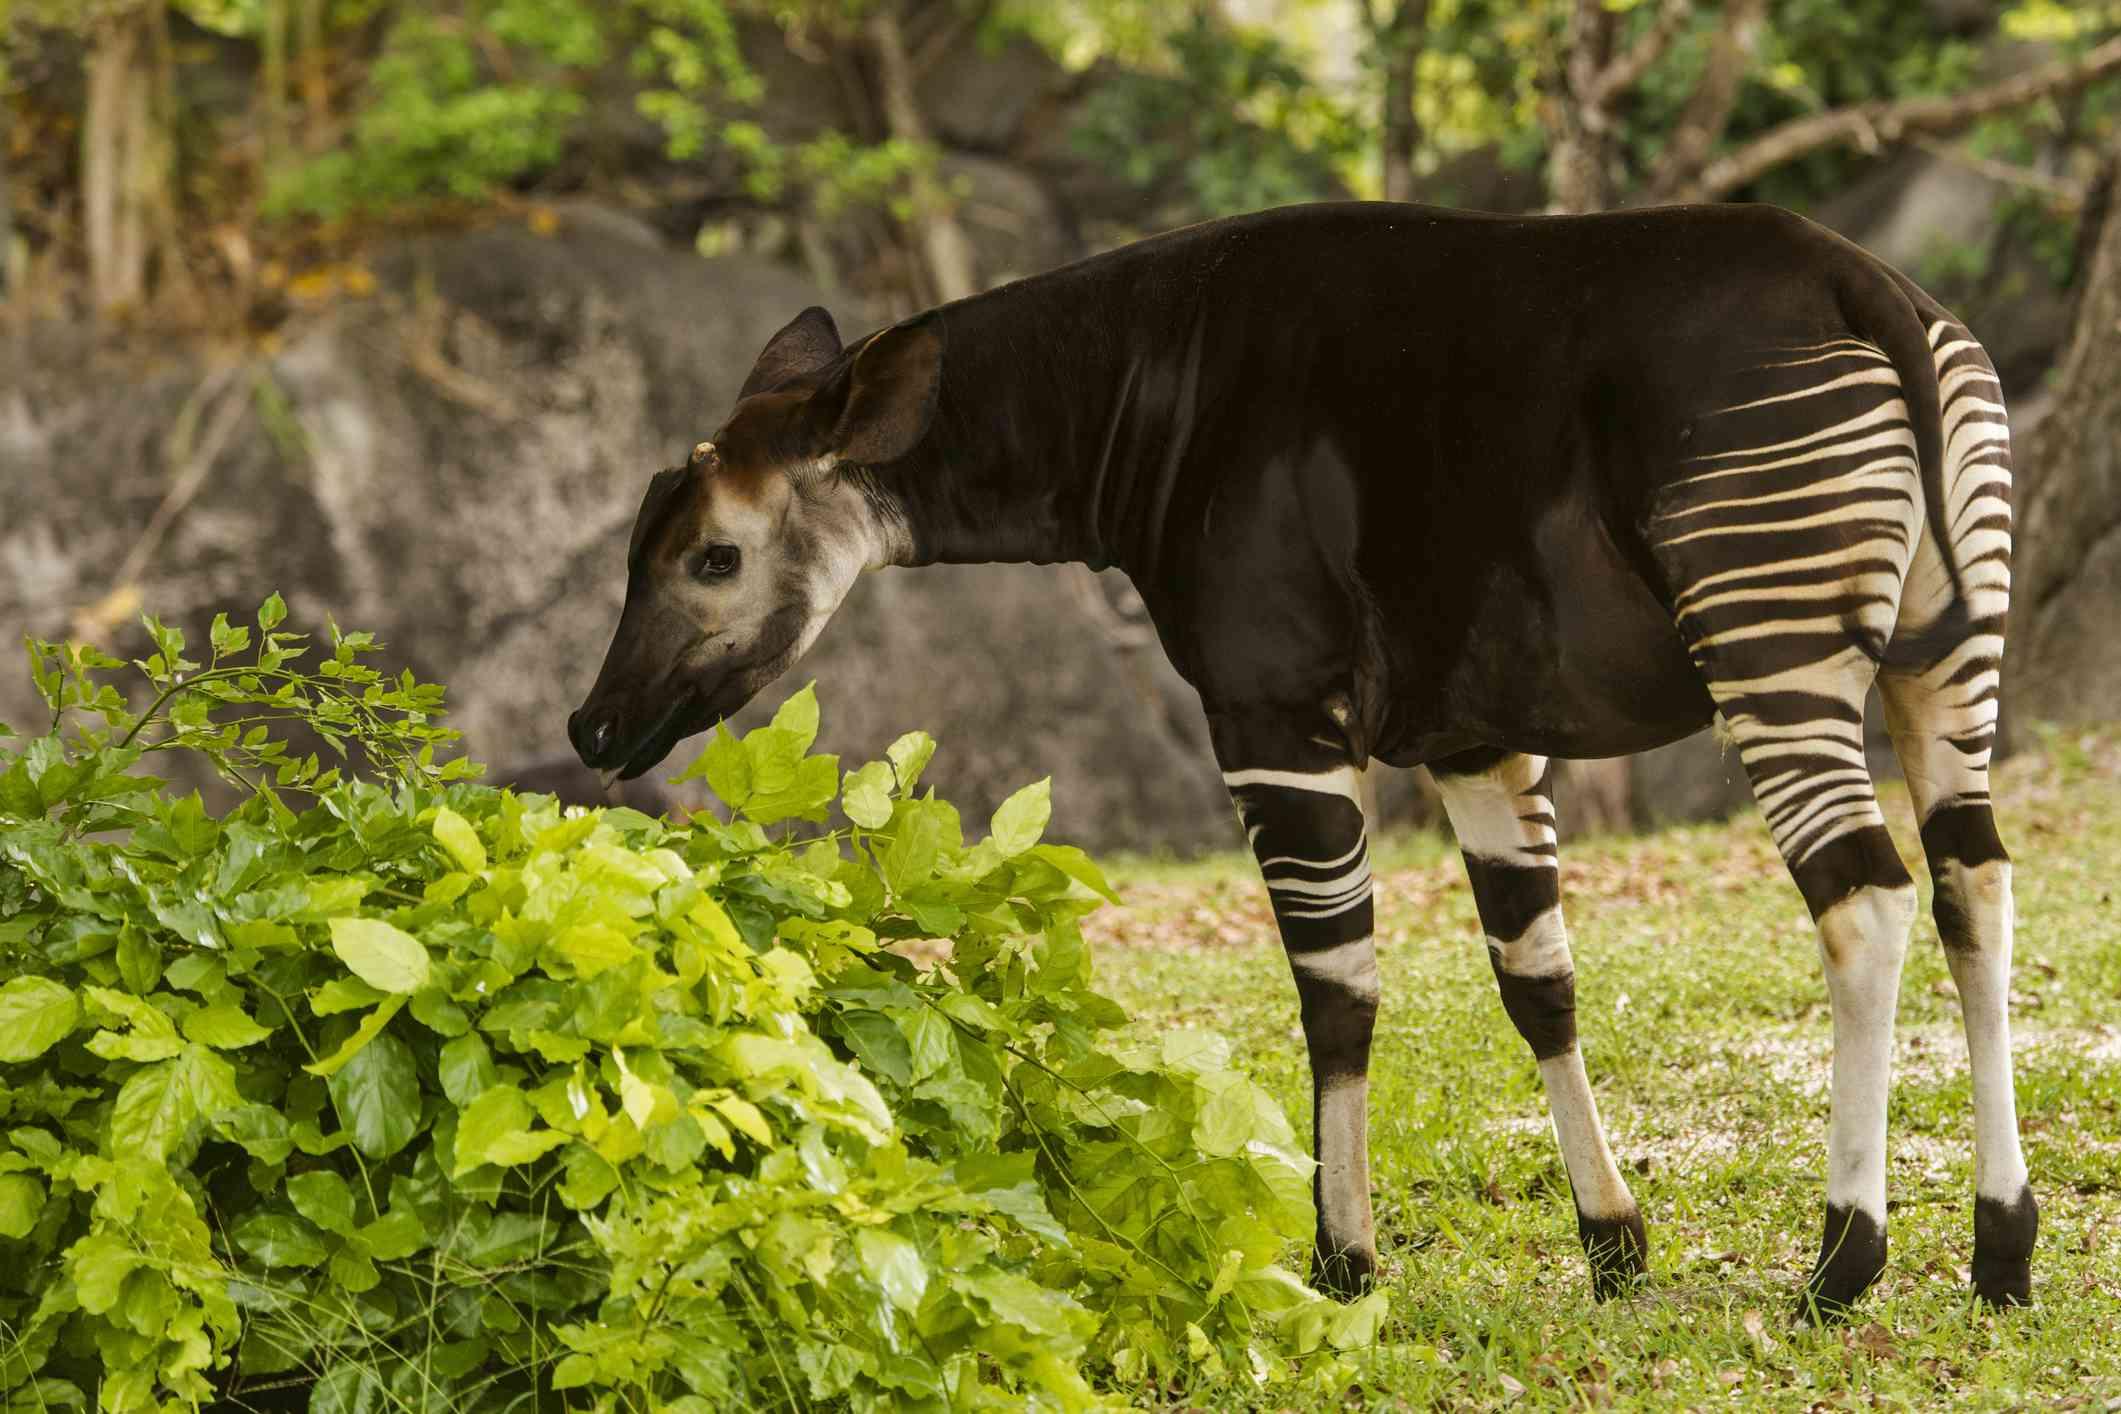 Okapi eating leaves